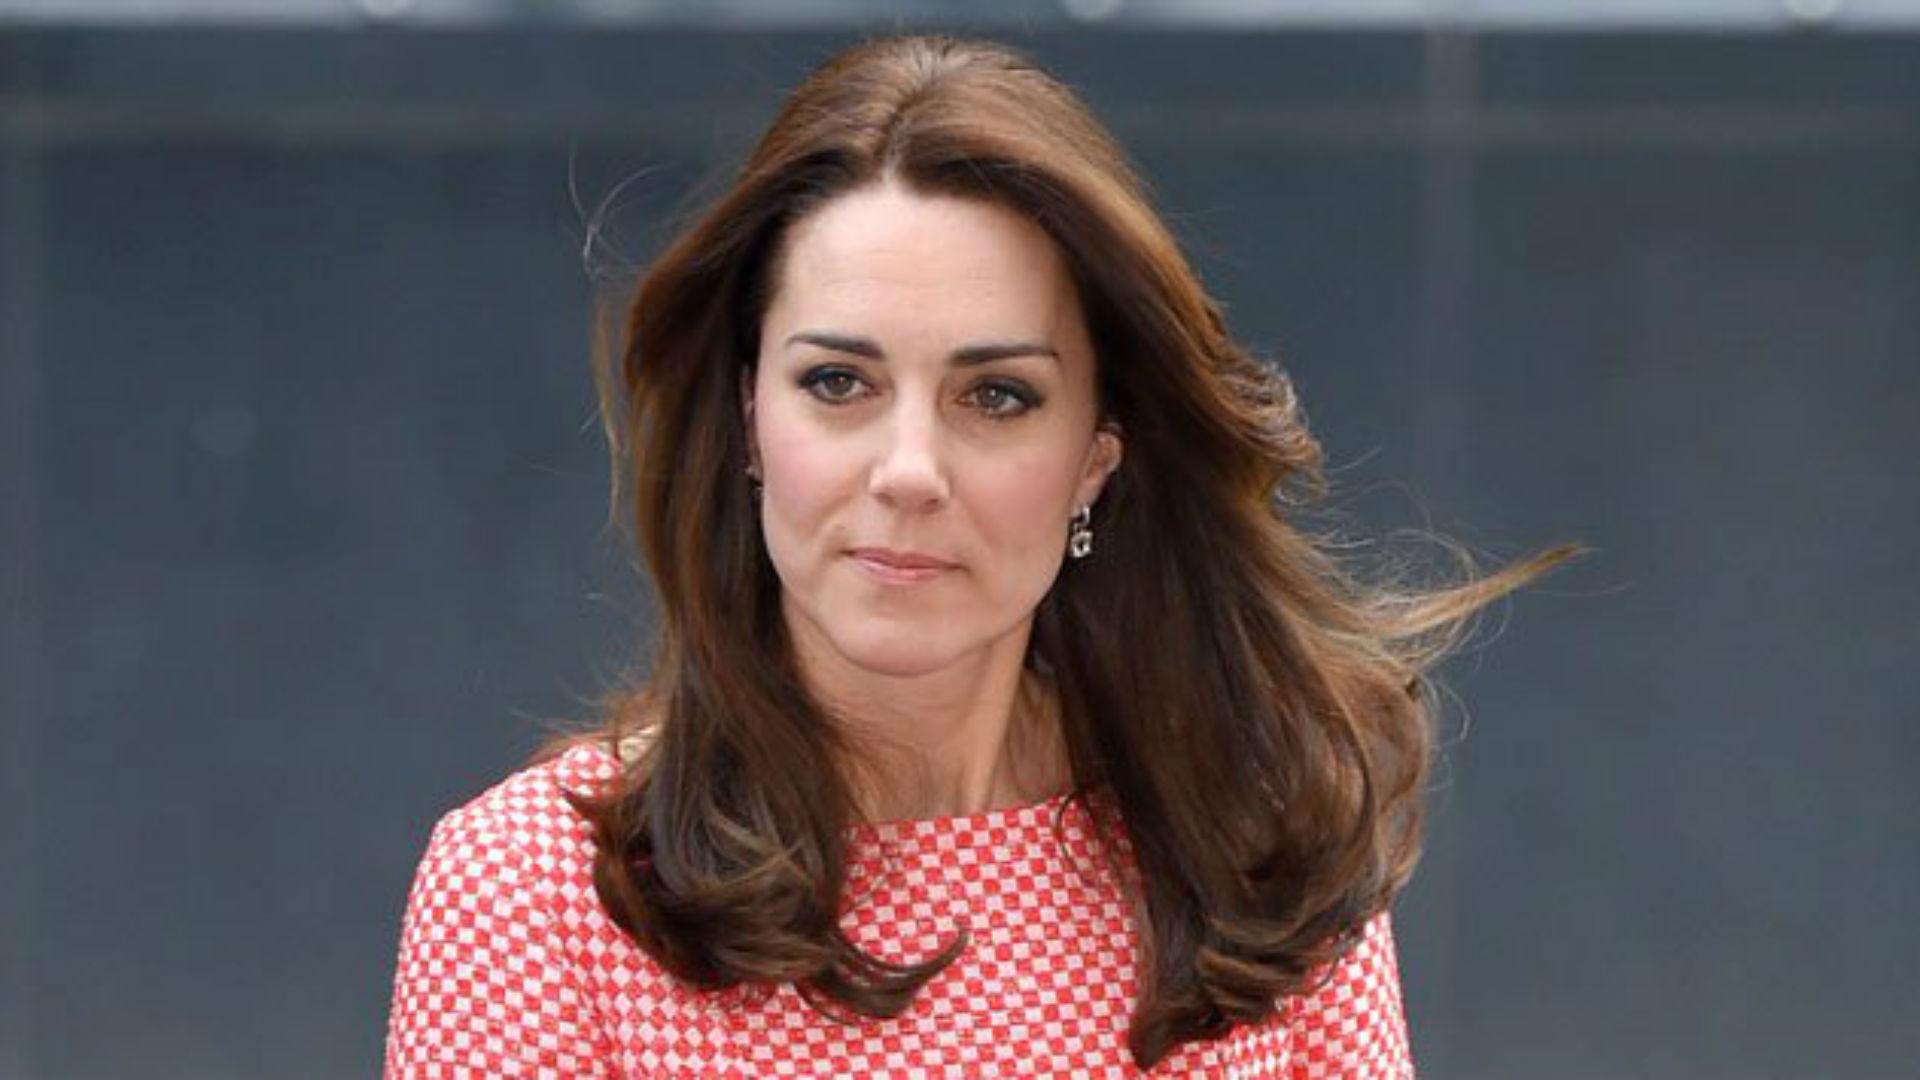 Kate Middleton no usa botox: la respuesta del Palacio de Kensington ante una publicación en Instagram - Infobae